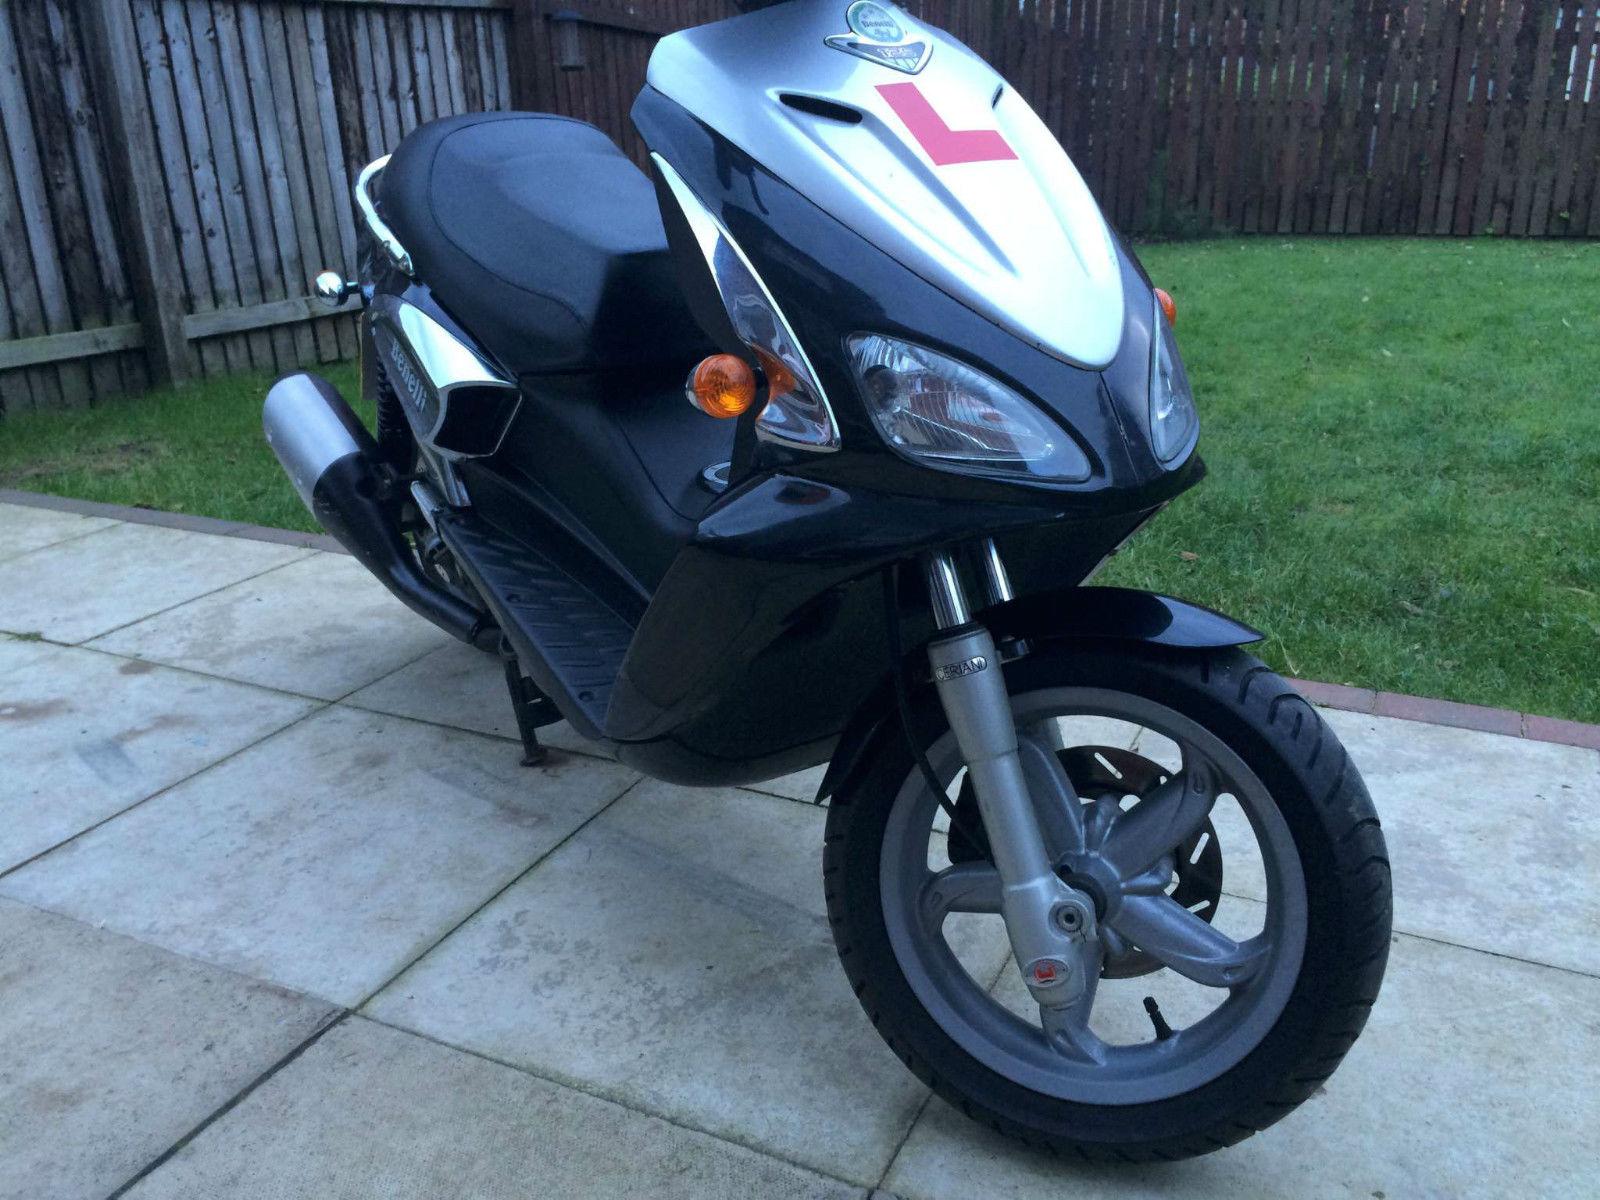 2008 Benelli Velvet 250 - Moto.ZombDrive.COM